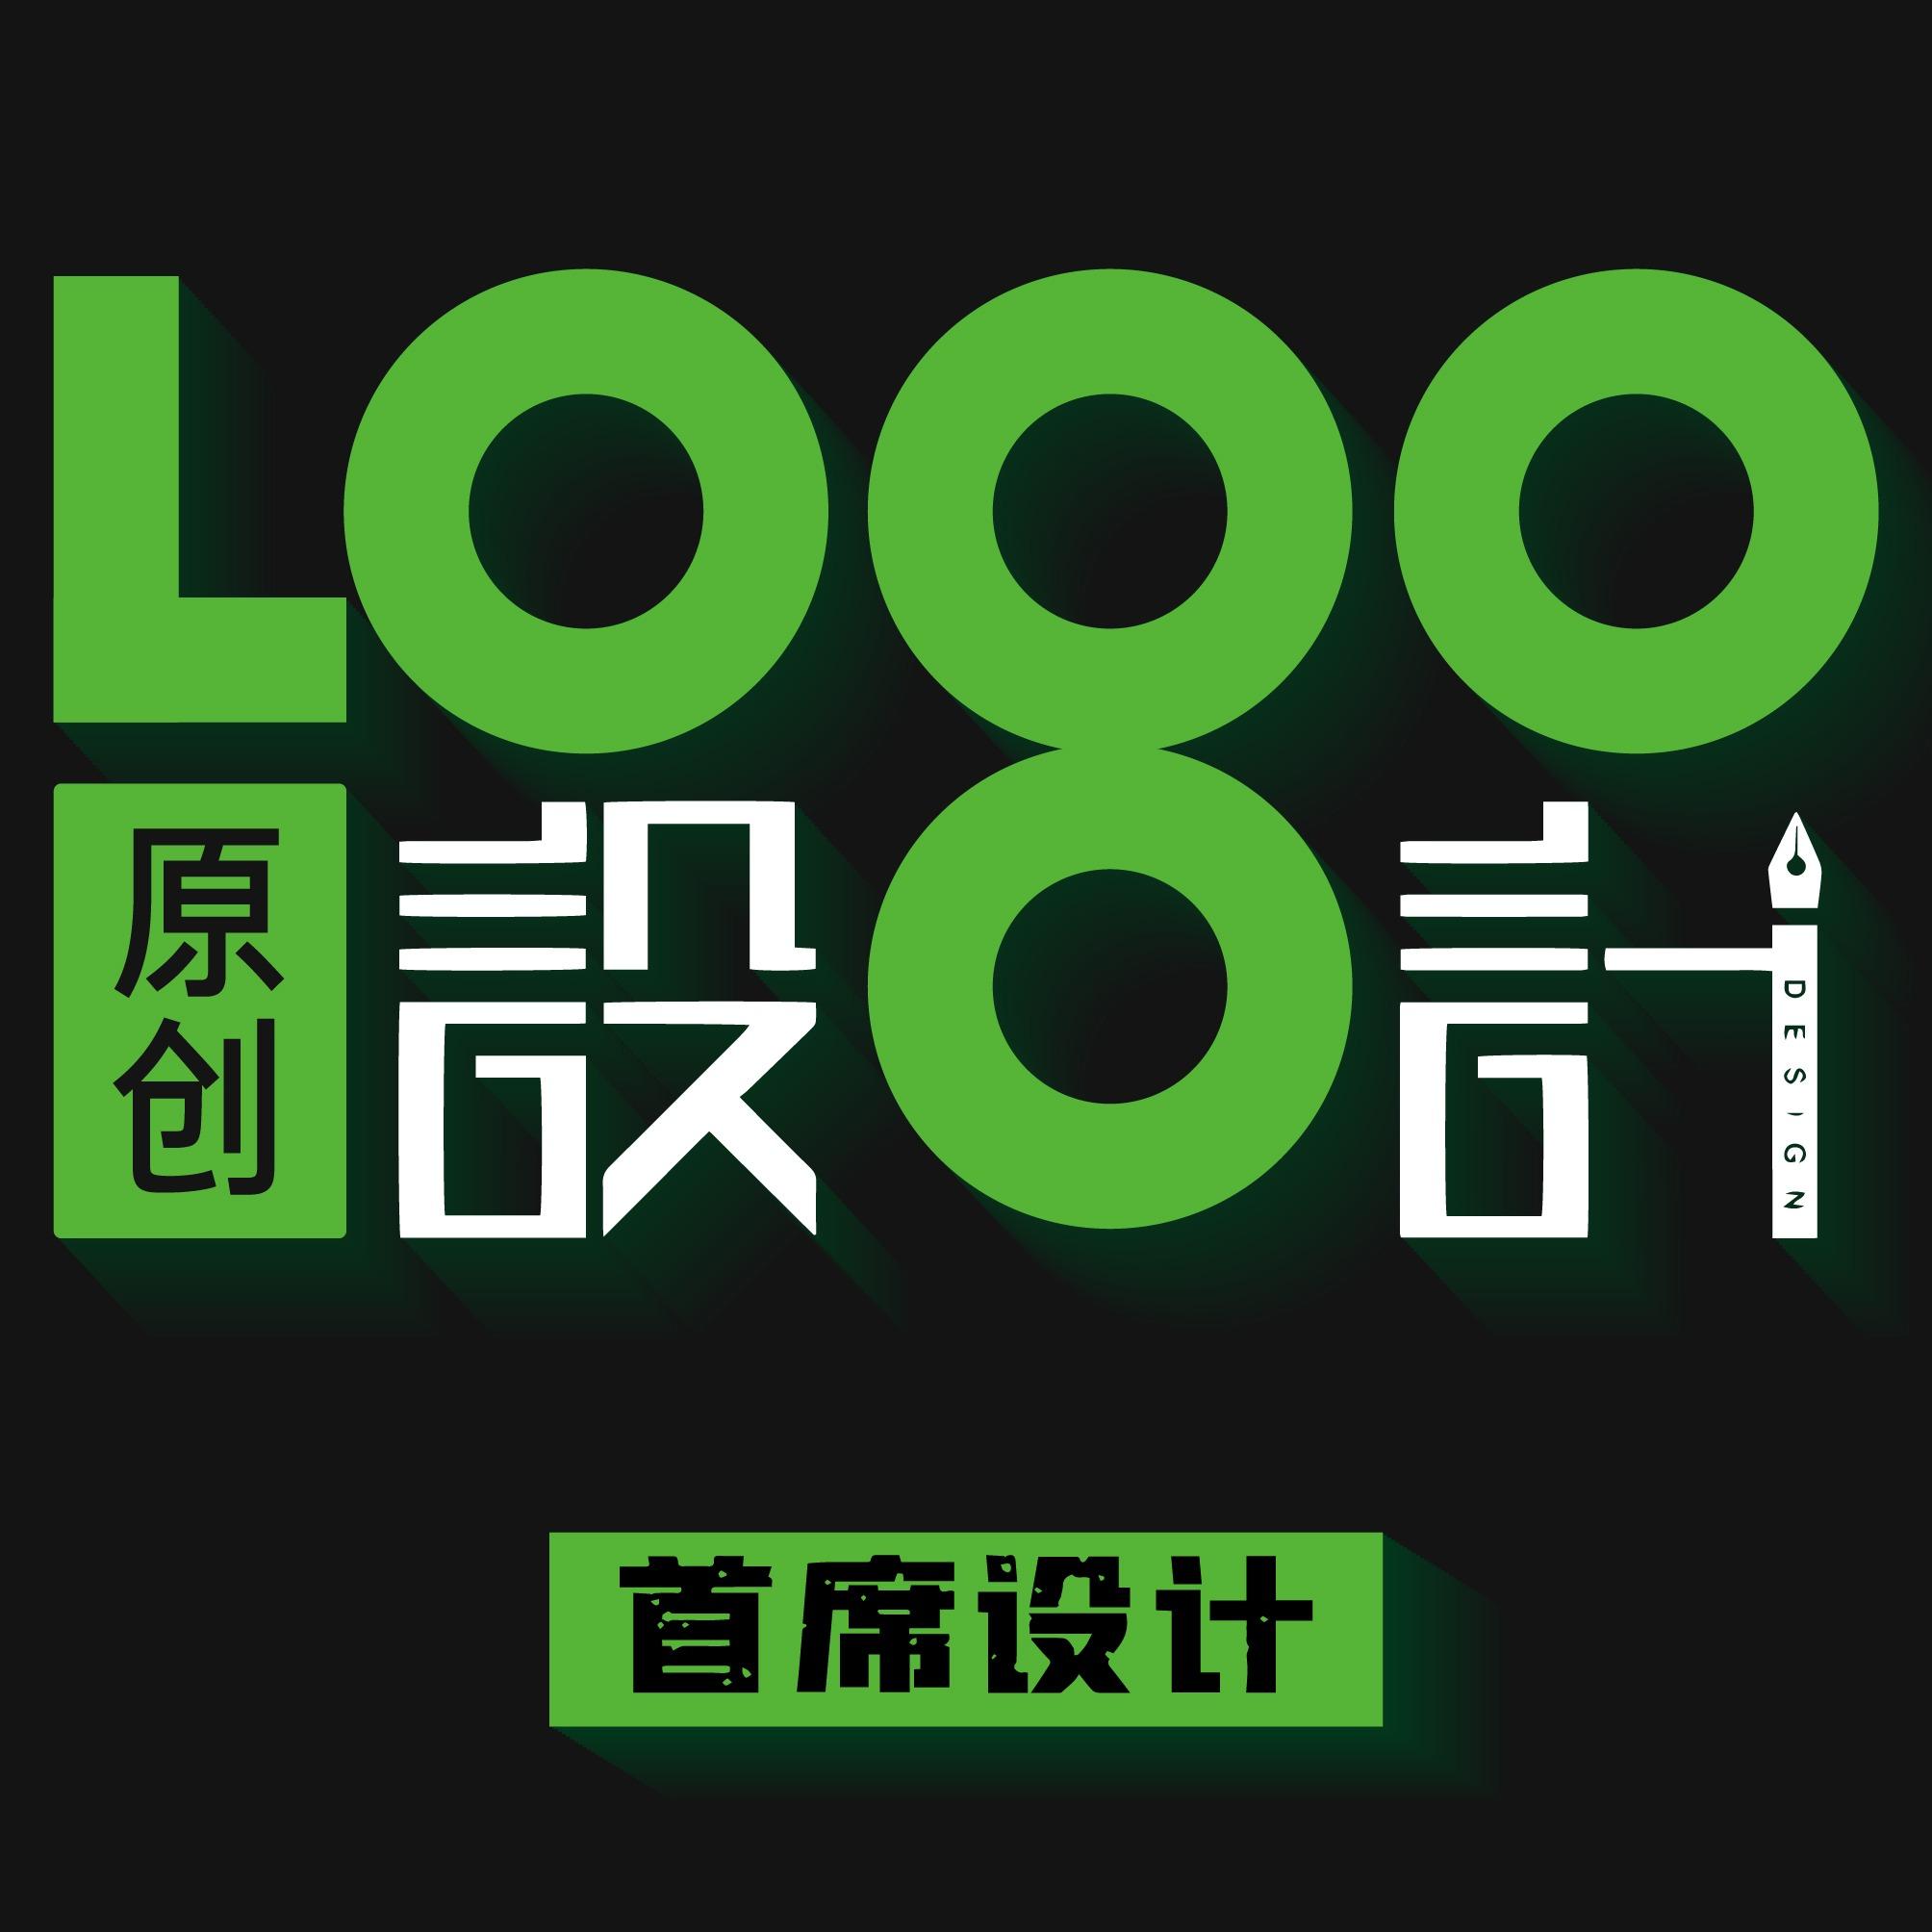 【有鱼品牌】物流健身化妆品服装水果超市餐饮酒店LOGO设计